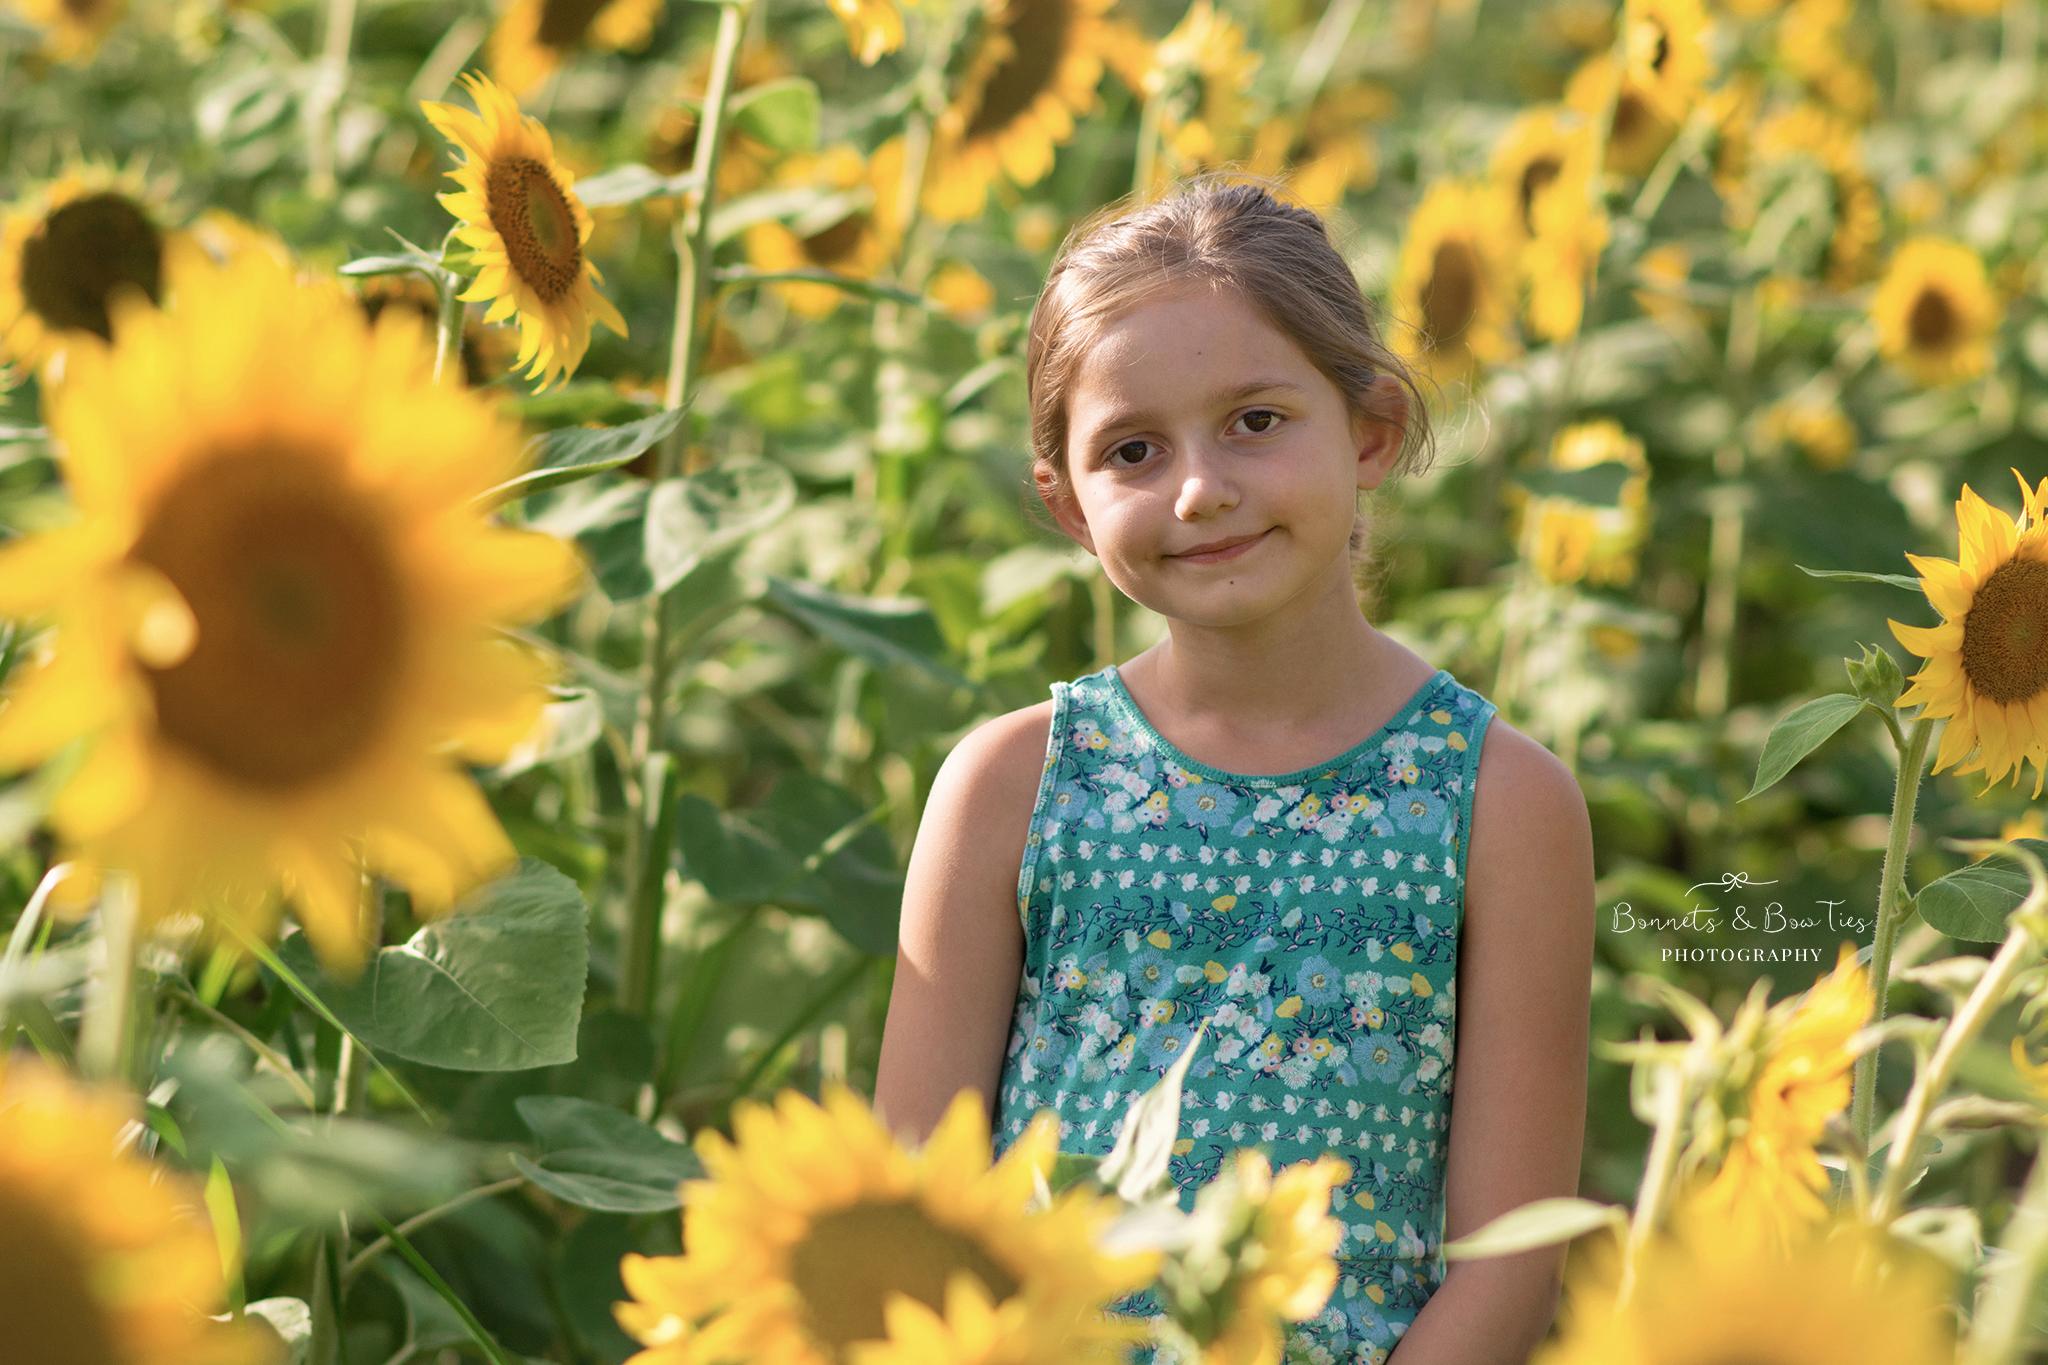 girl posing in sunflower field.jpg